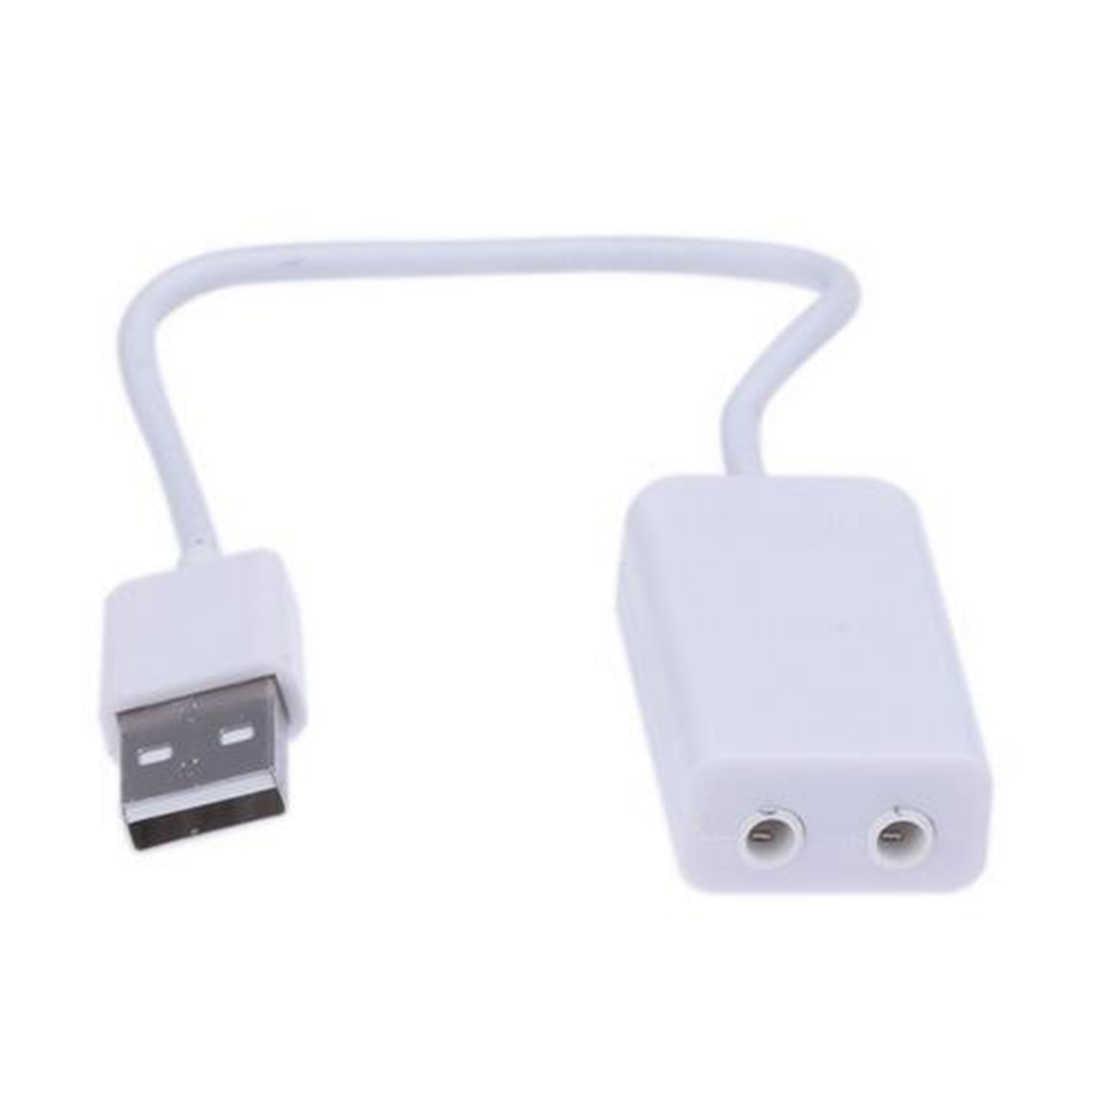 NOYOKERE 3D Белый 2,0 Виртуальный 7,1 канал внешний USB аудио адаптер Звуковая карта Звуковые карты для портативных ПК Mac с кабелем